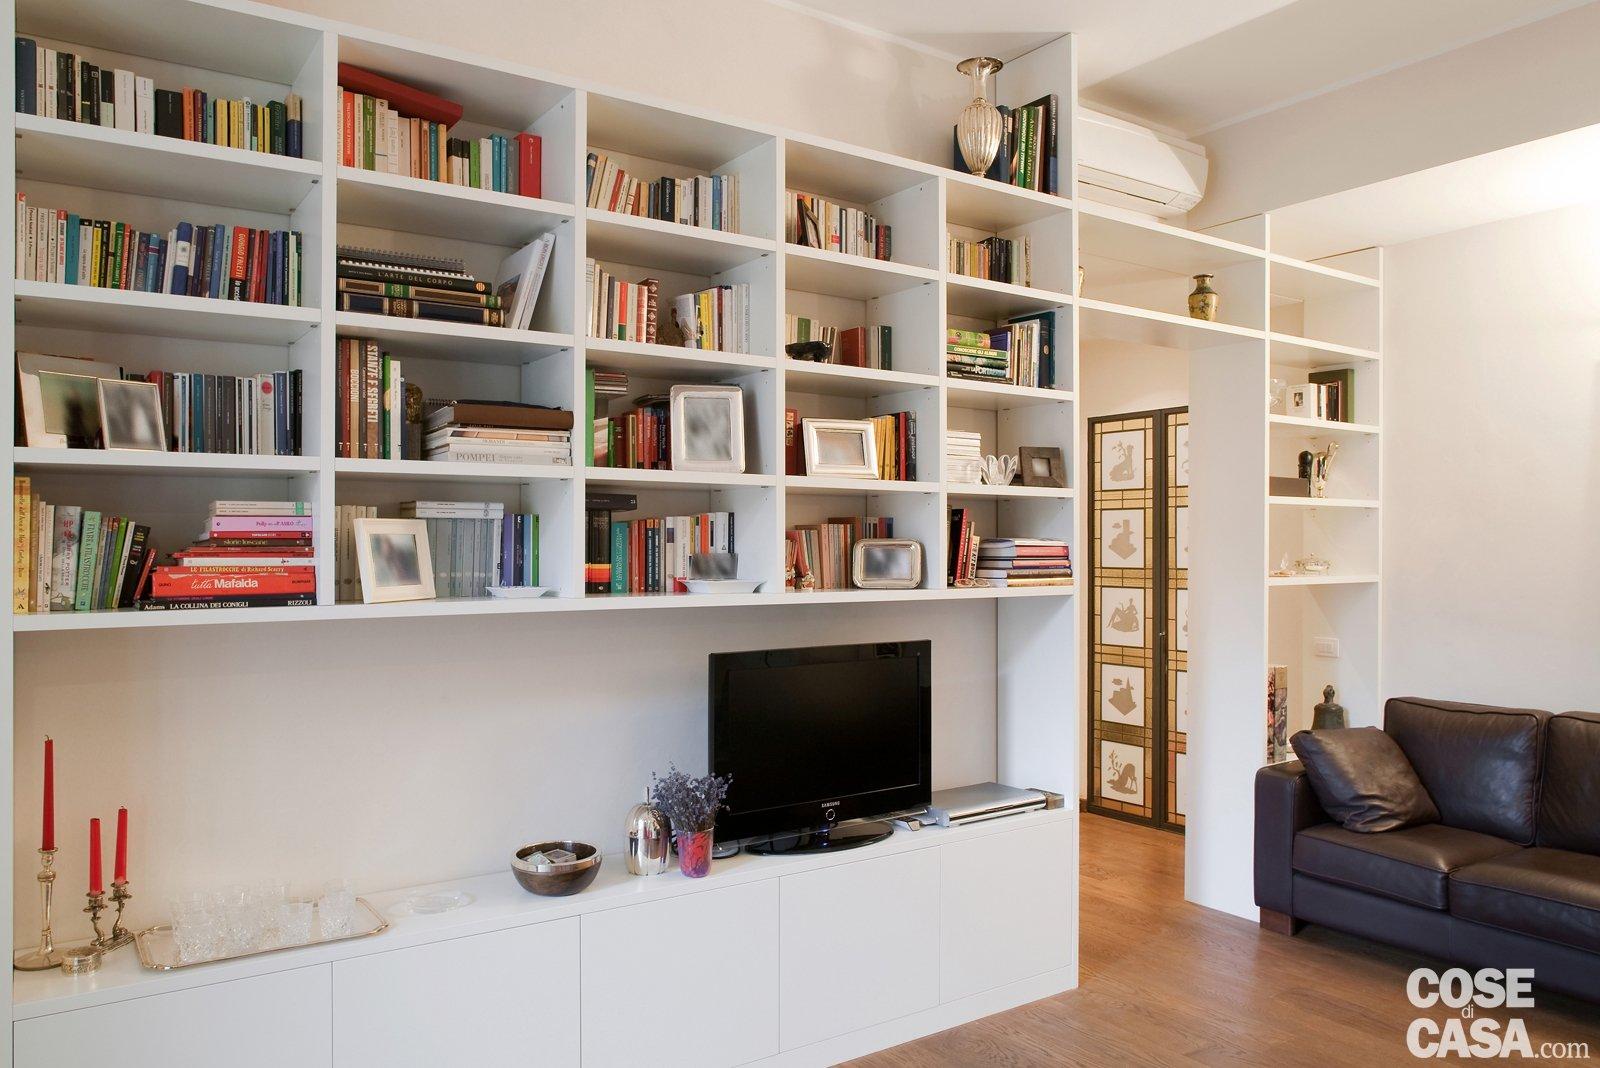 Una casa di 80 mq superfunzionali - Cose di Casa